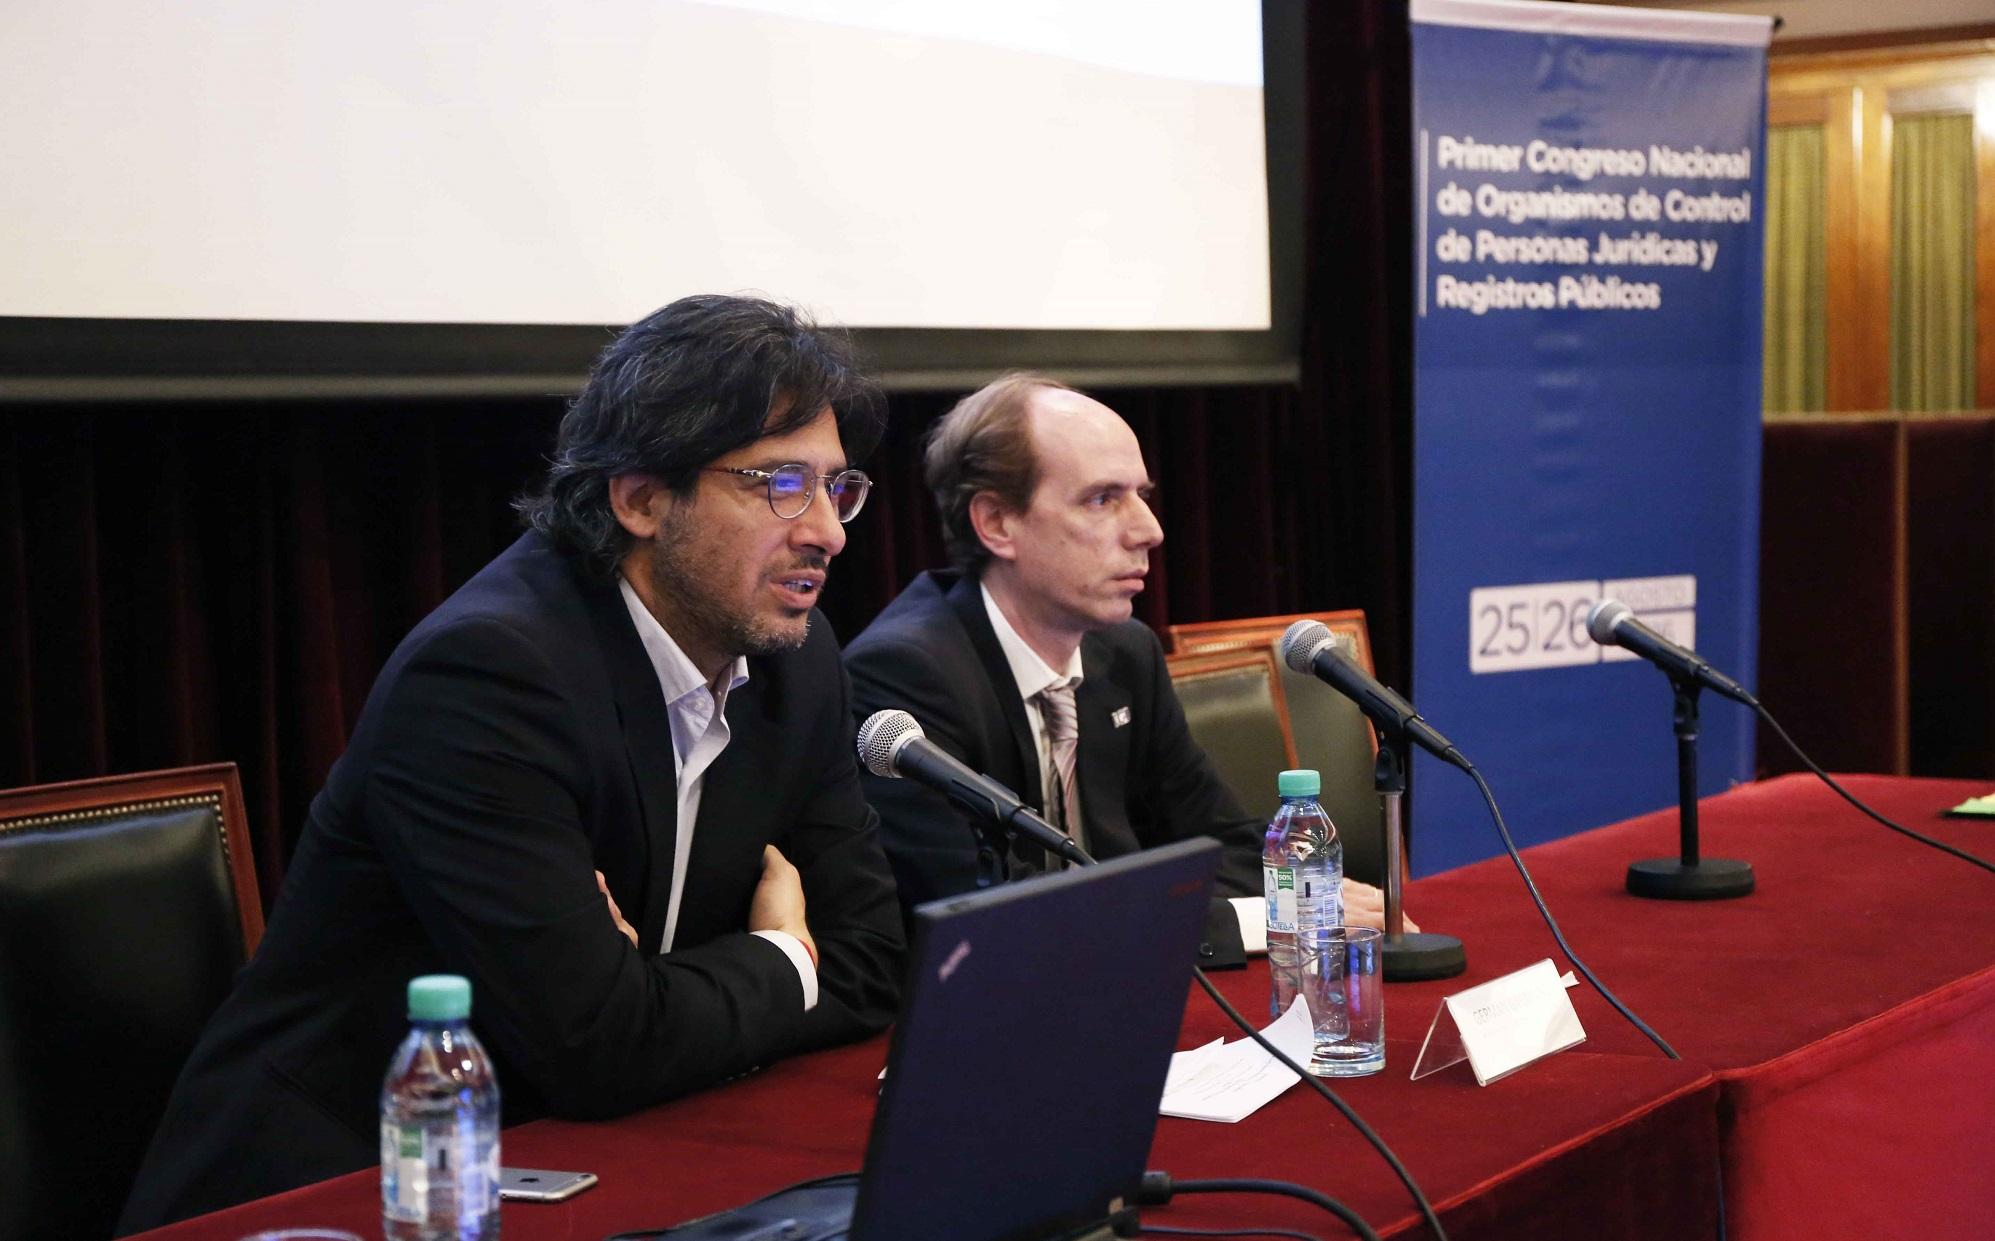 Garavano cerró el primer congreso nacional de organismos de control de personas jurídicas y registros públicos